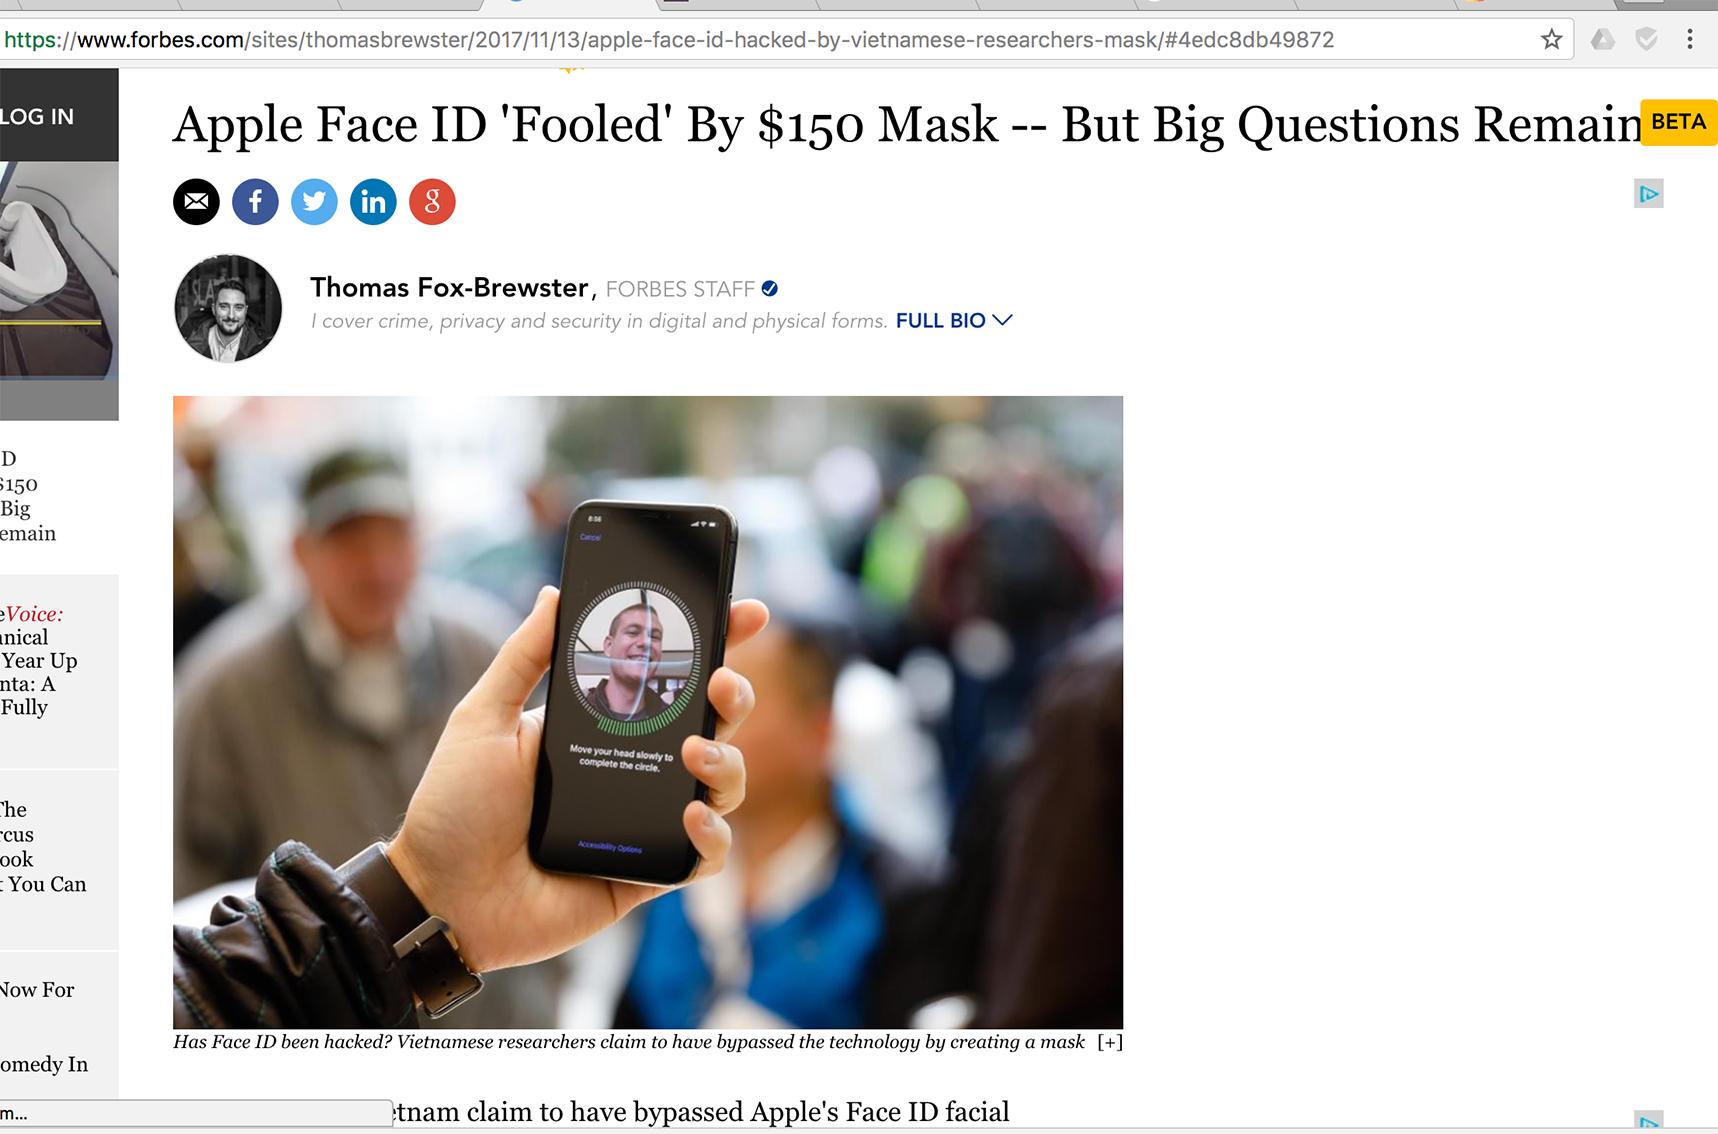 Bkav qua mặt Face ID: Báo ngoại tung hô, trong nước chỉ trích